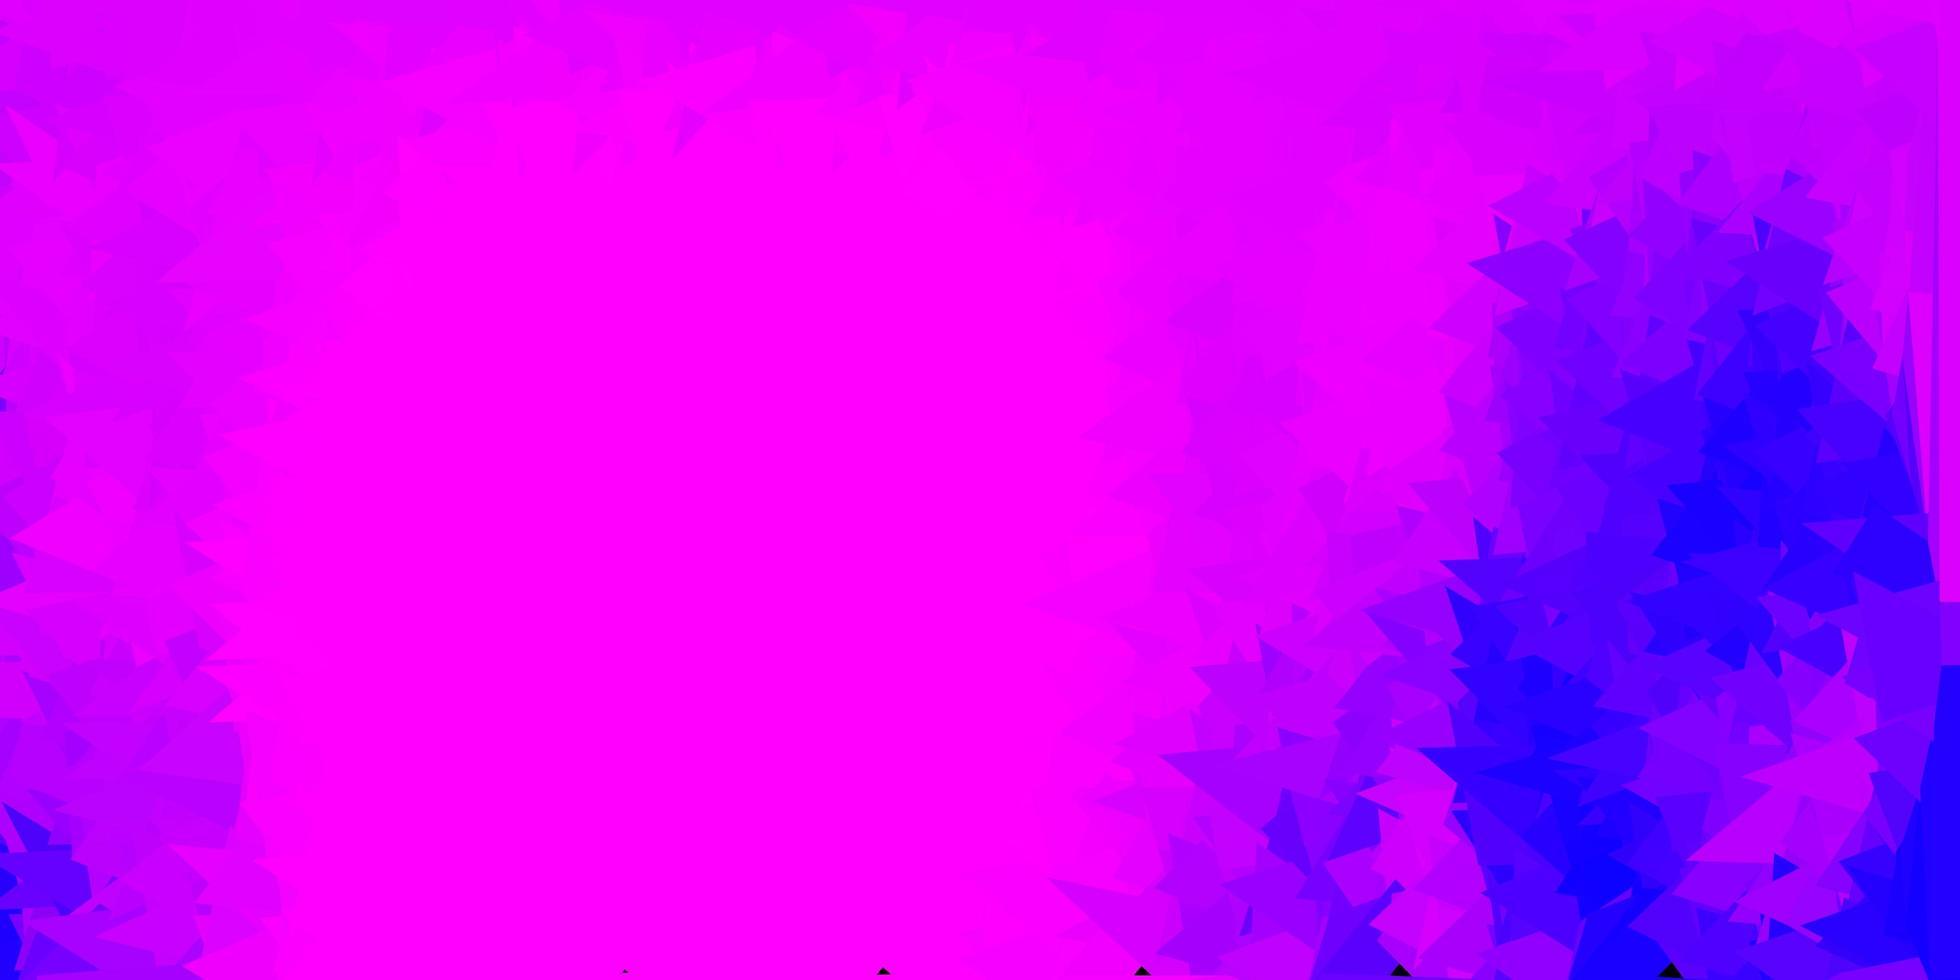 lichtpaars, roze driehoek mozaïek sjabloon. vector